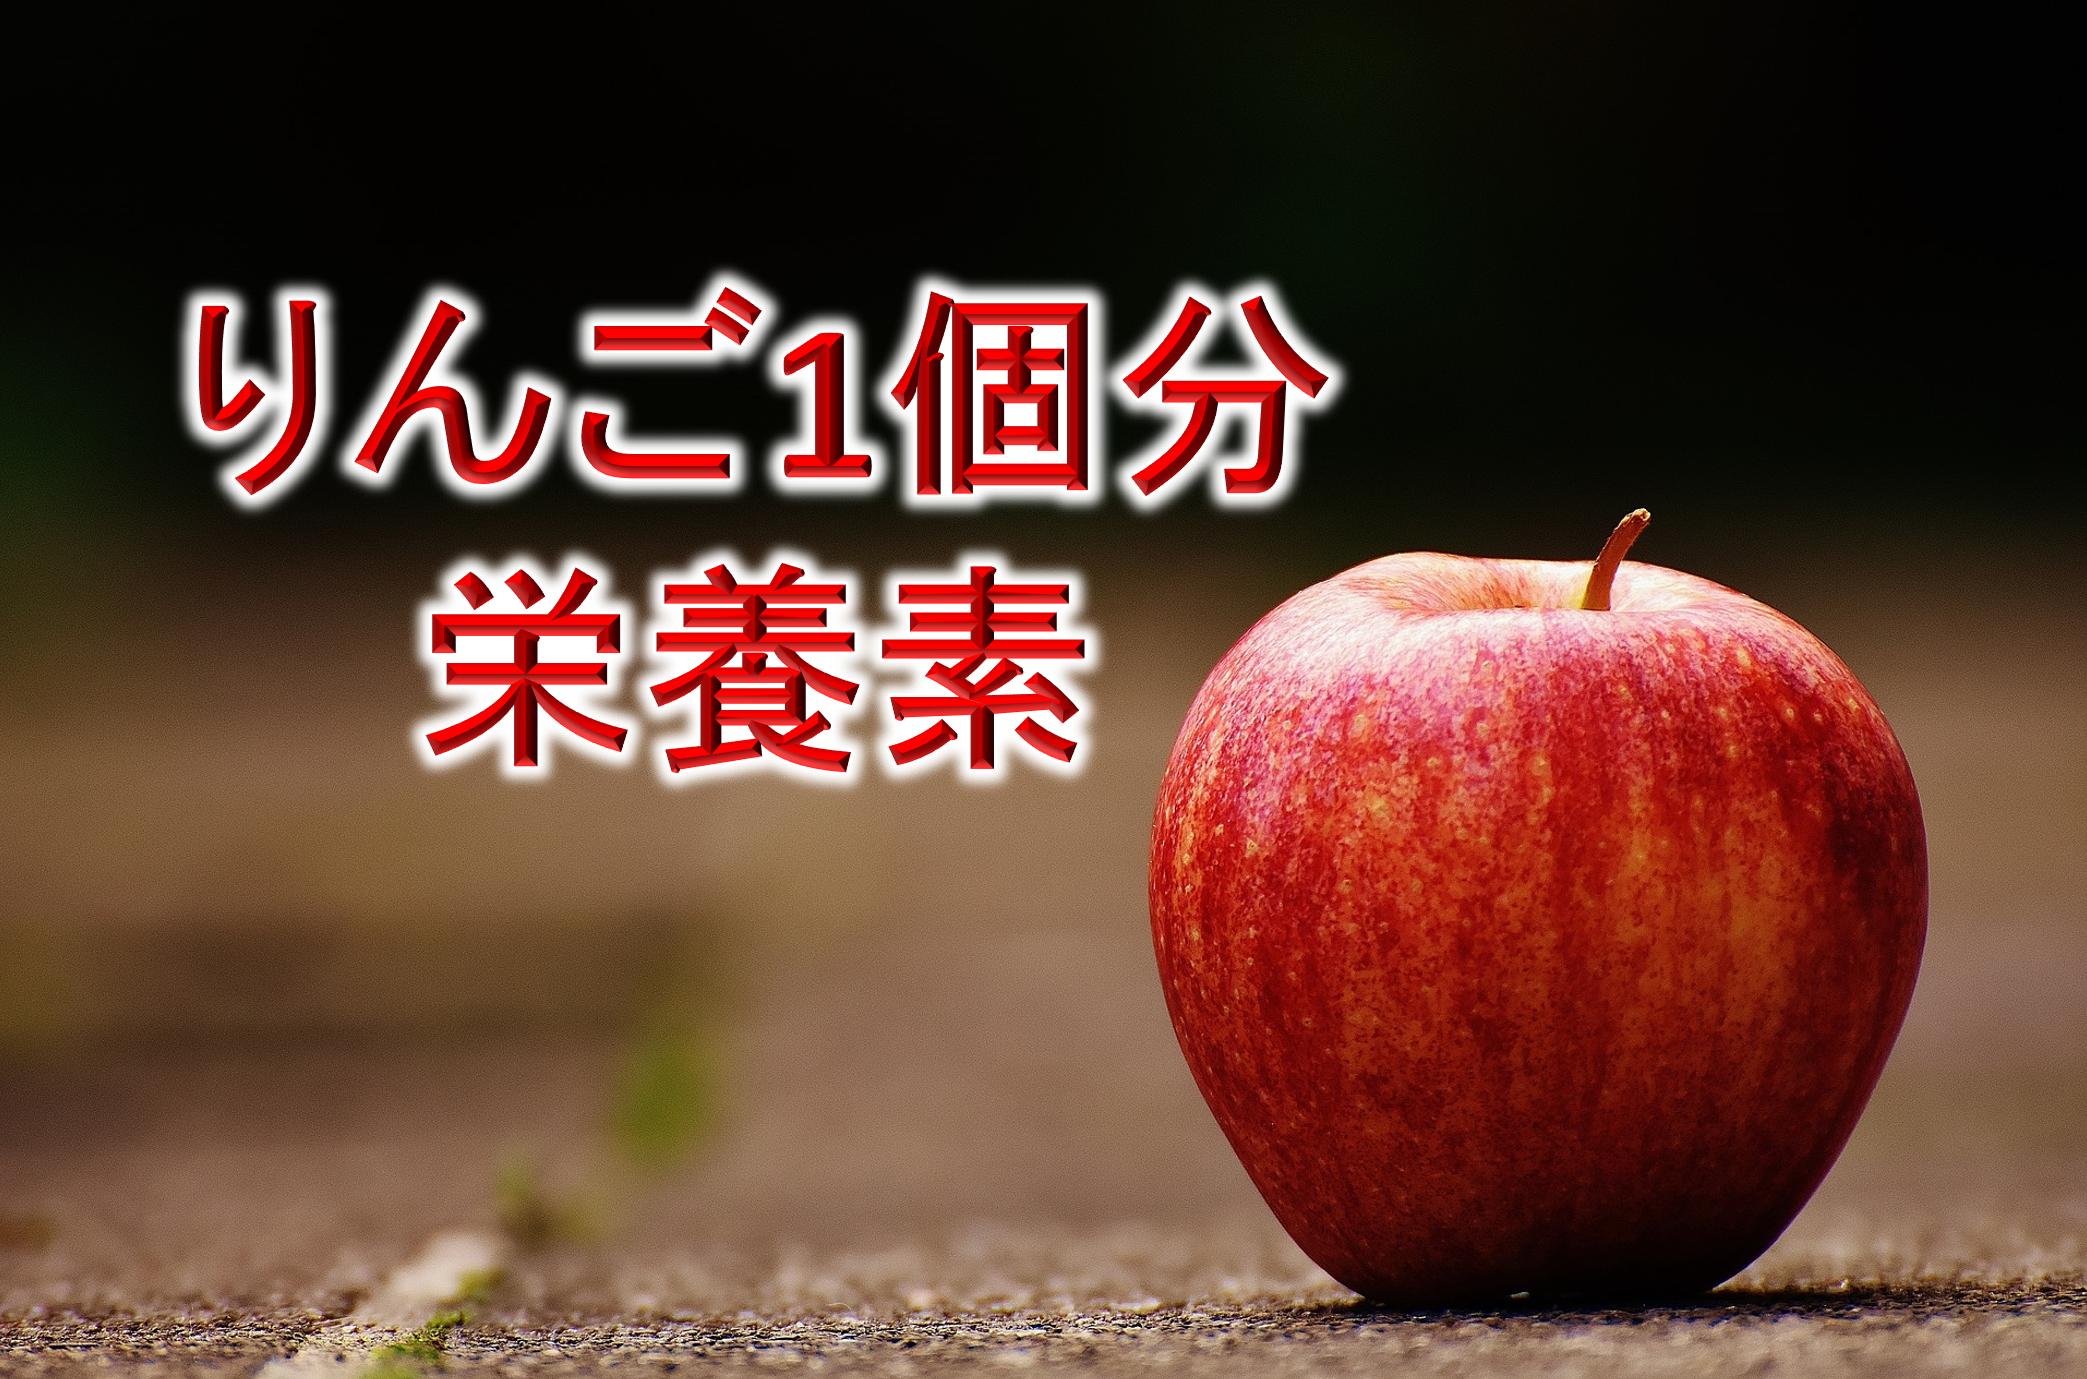 りんご1個分の栄養素